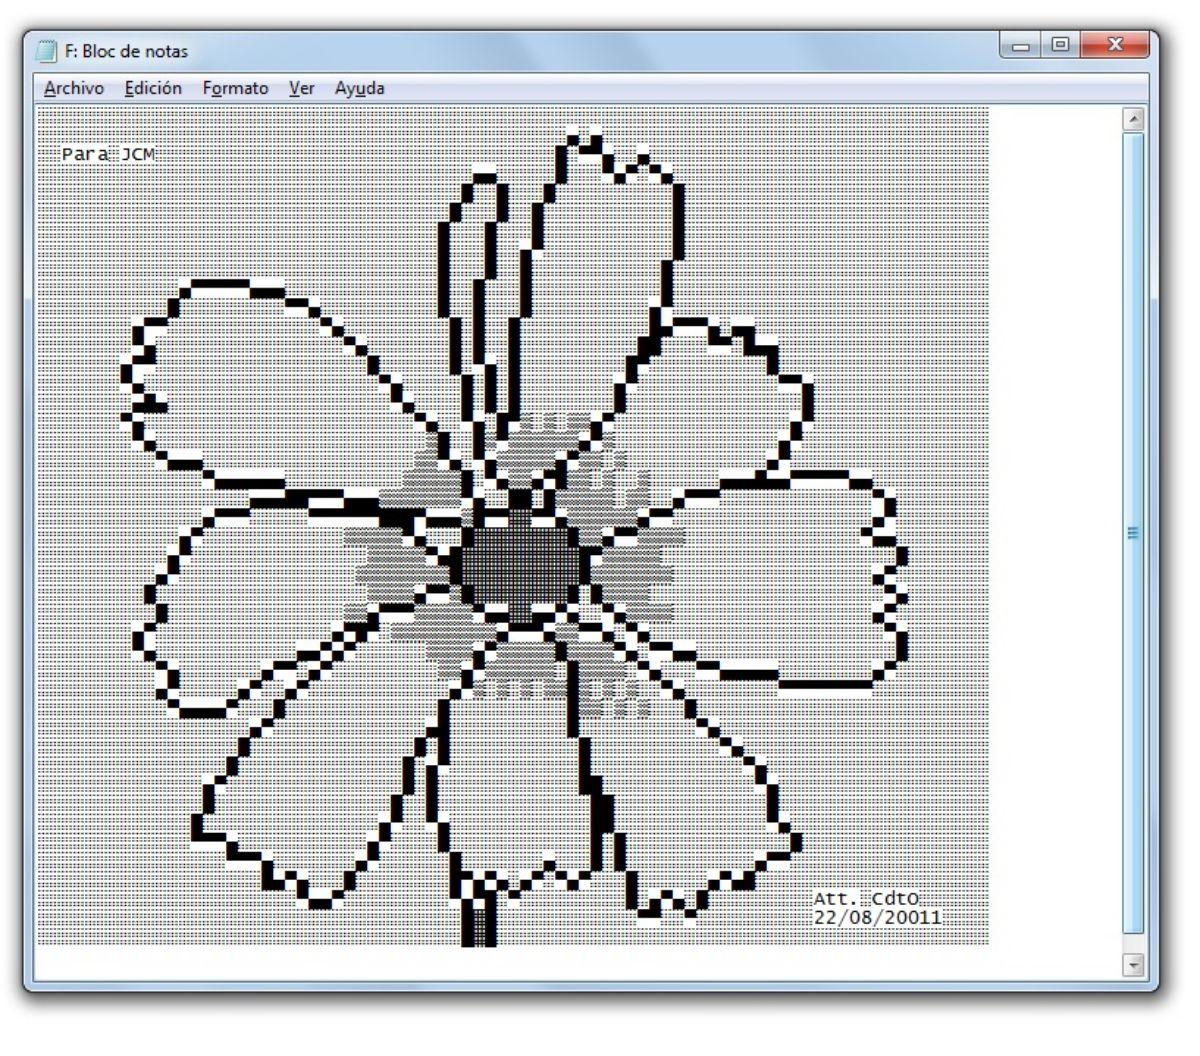 La base del arte ASCII